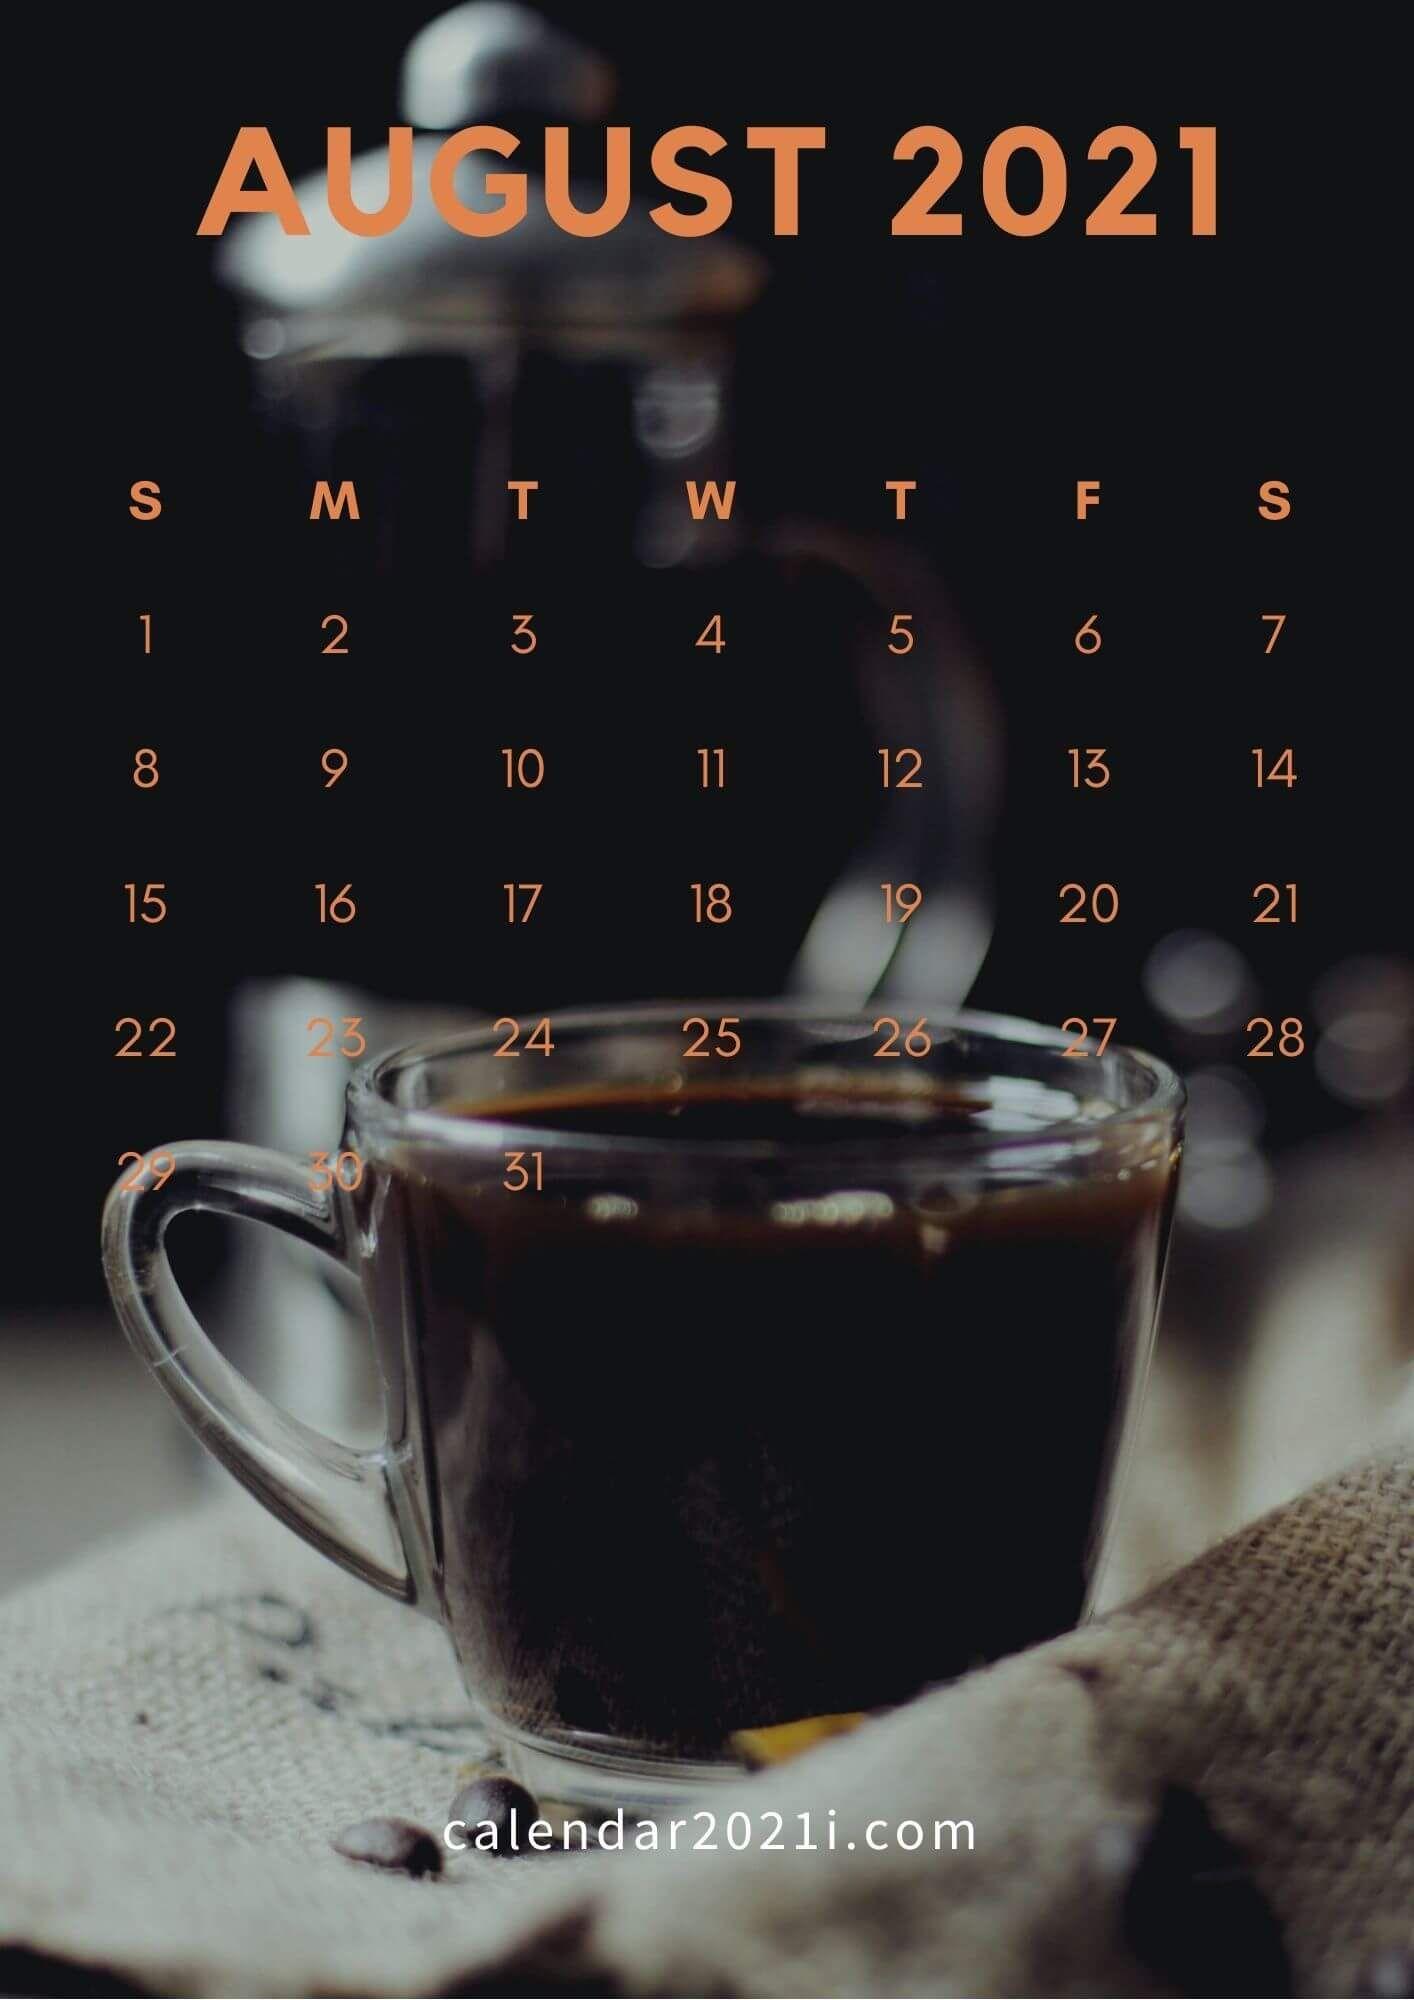 August 2021 Calendar Wallpaper Monthly calendar printable 1414x2000